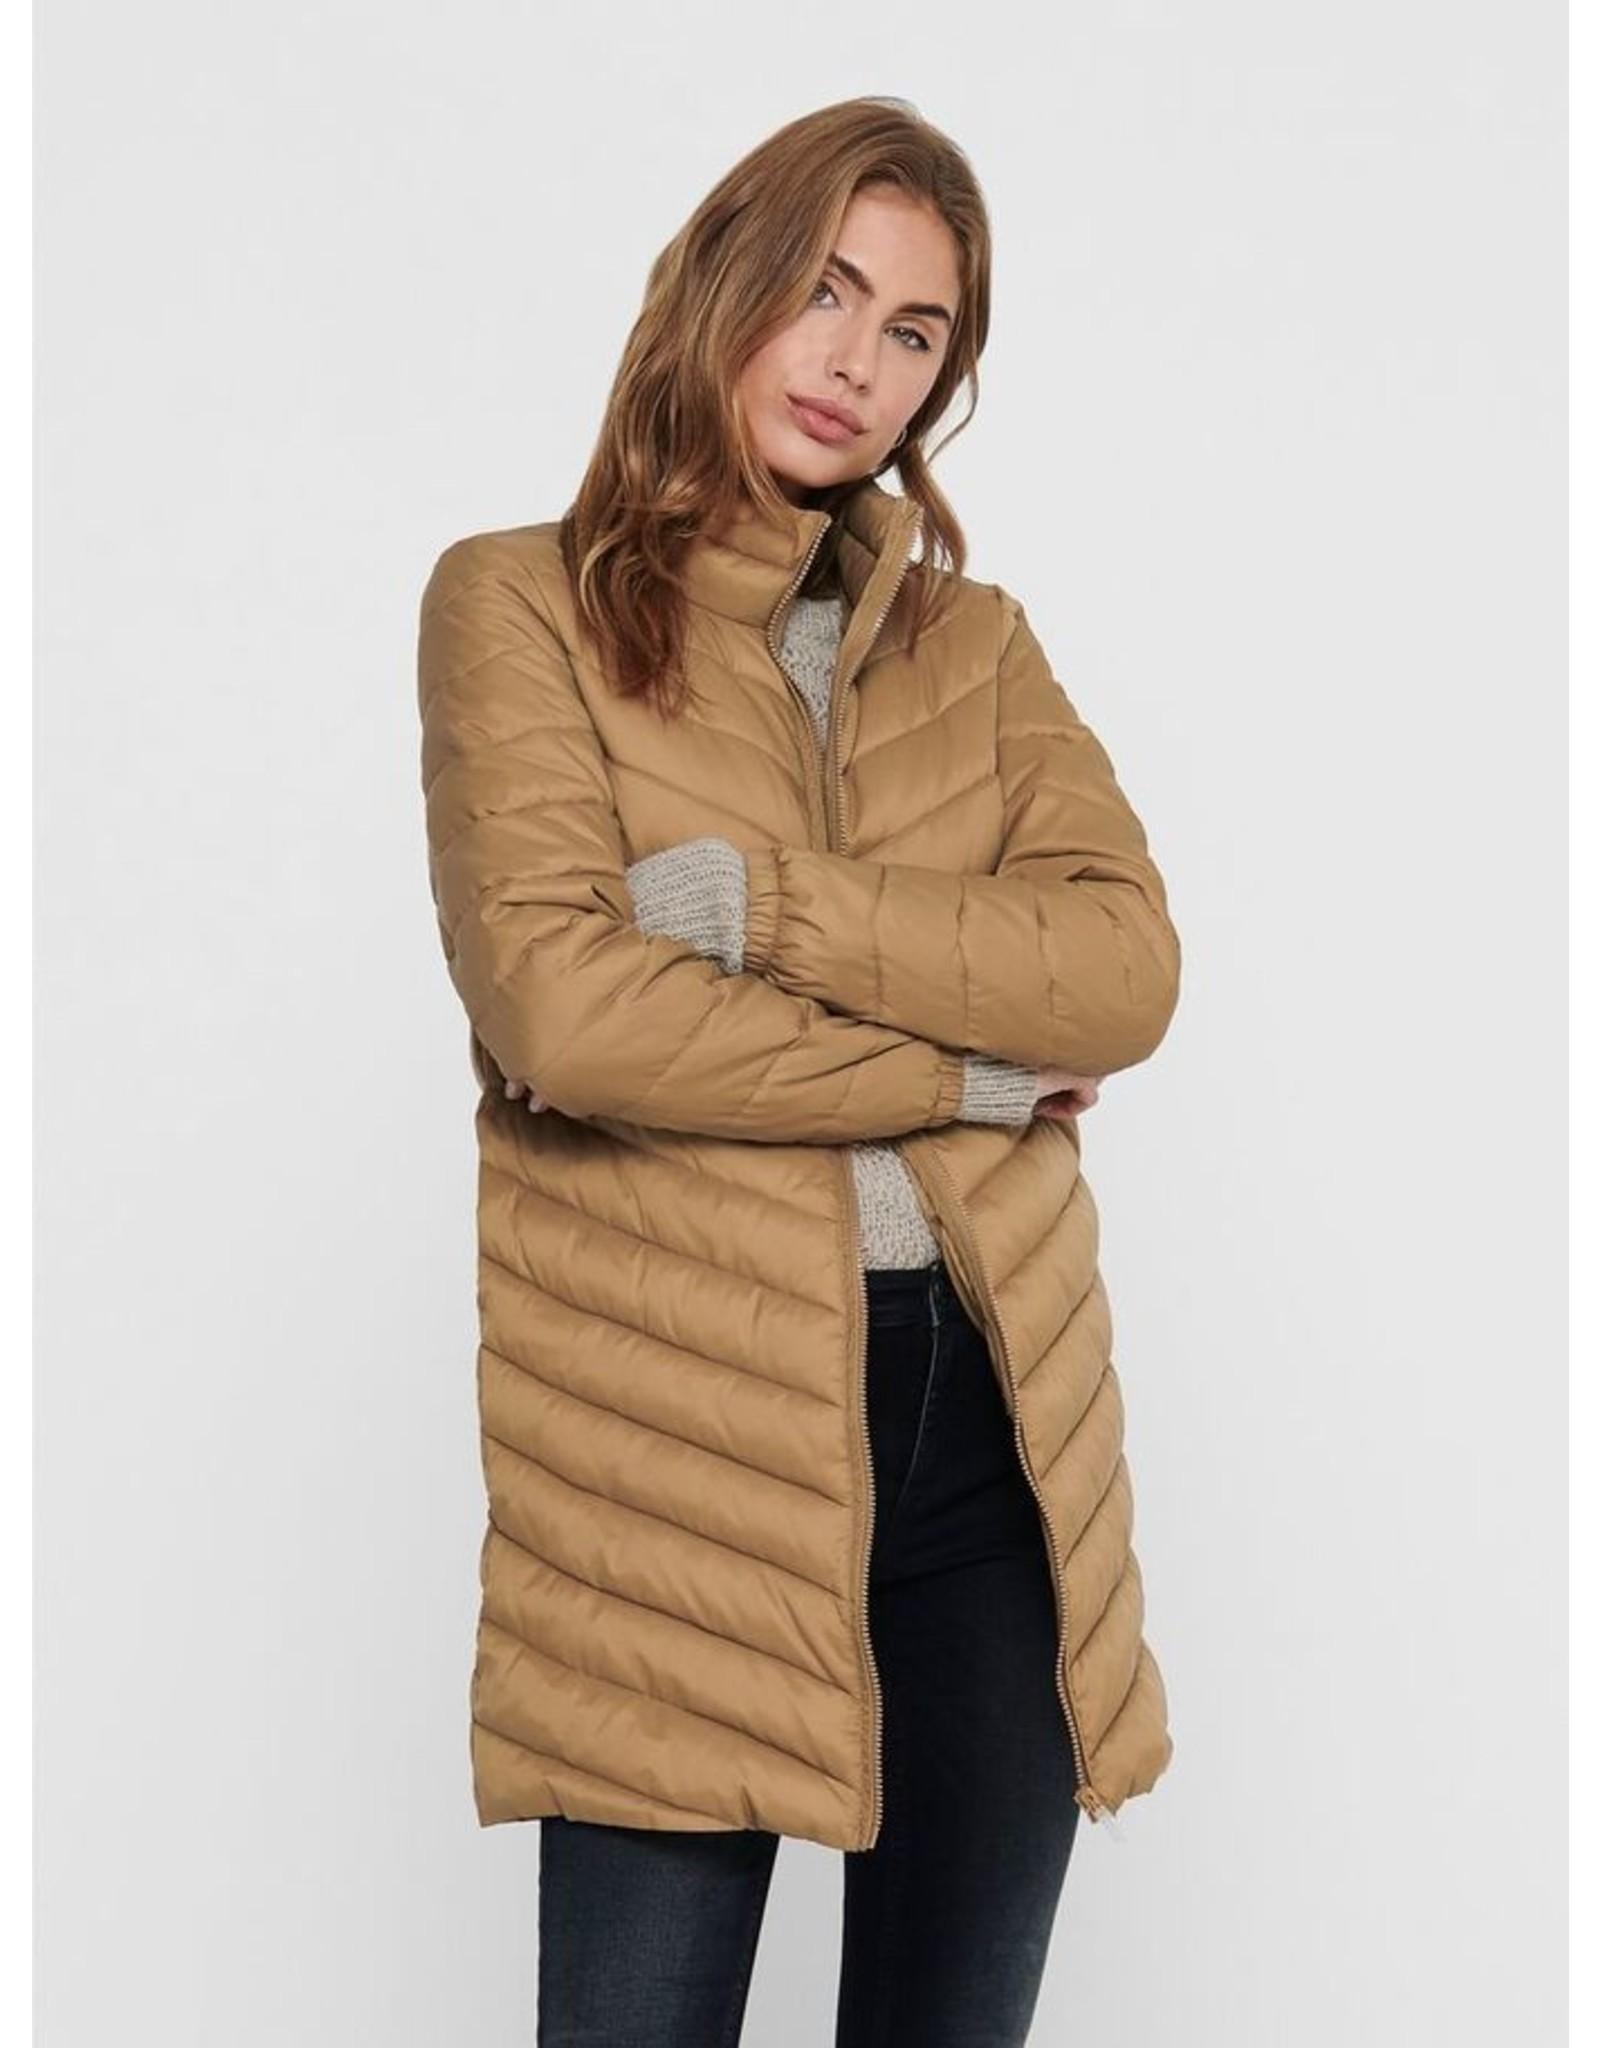 ONLY -Tahoe Coat